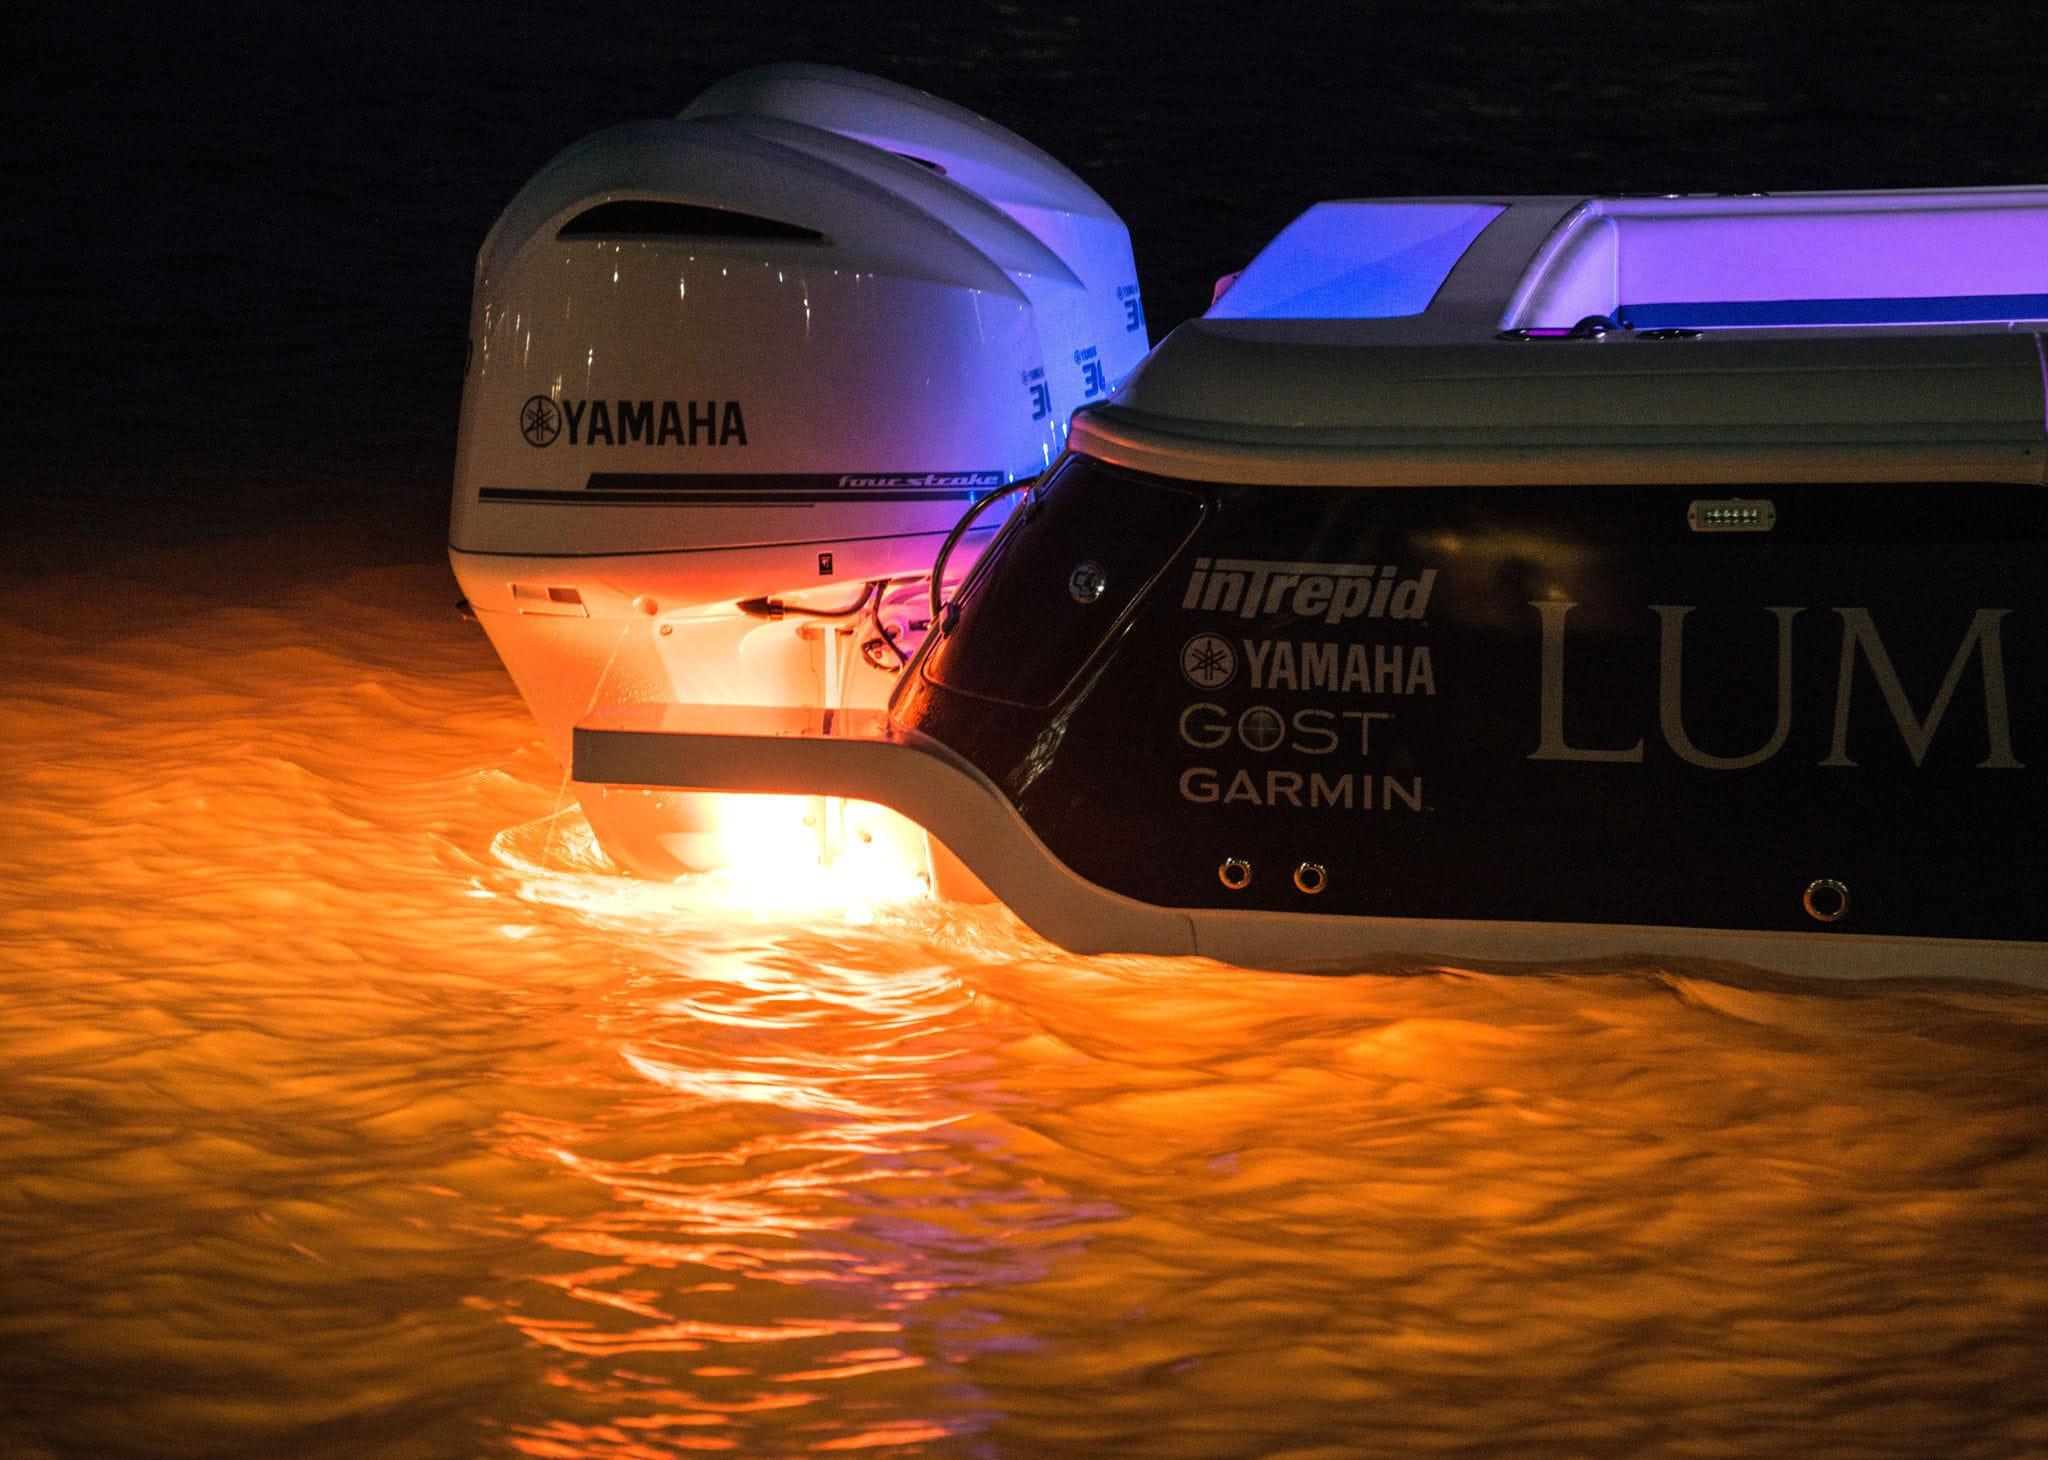 Plafoniere Per Barche : Illuminazione subacquea per barca led montaggio in